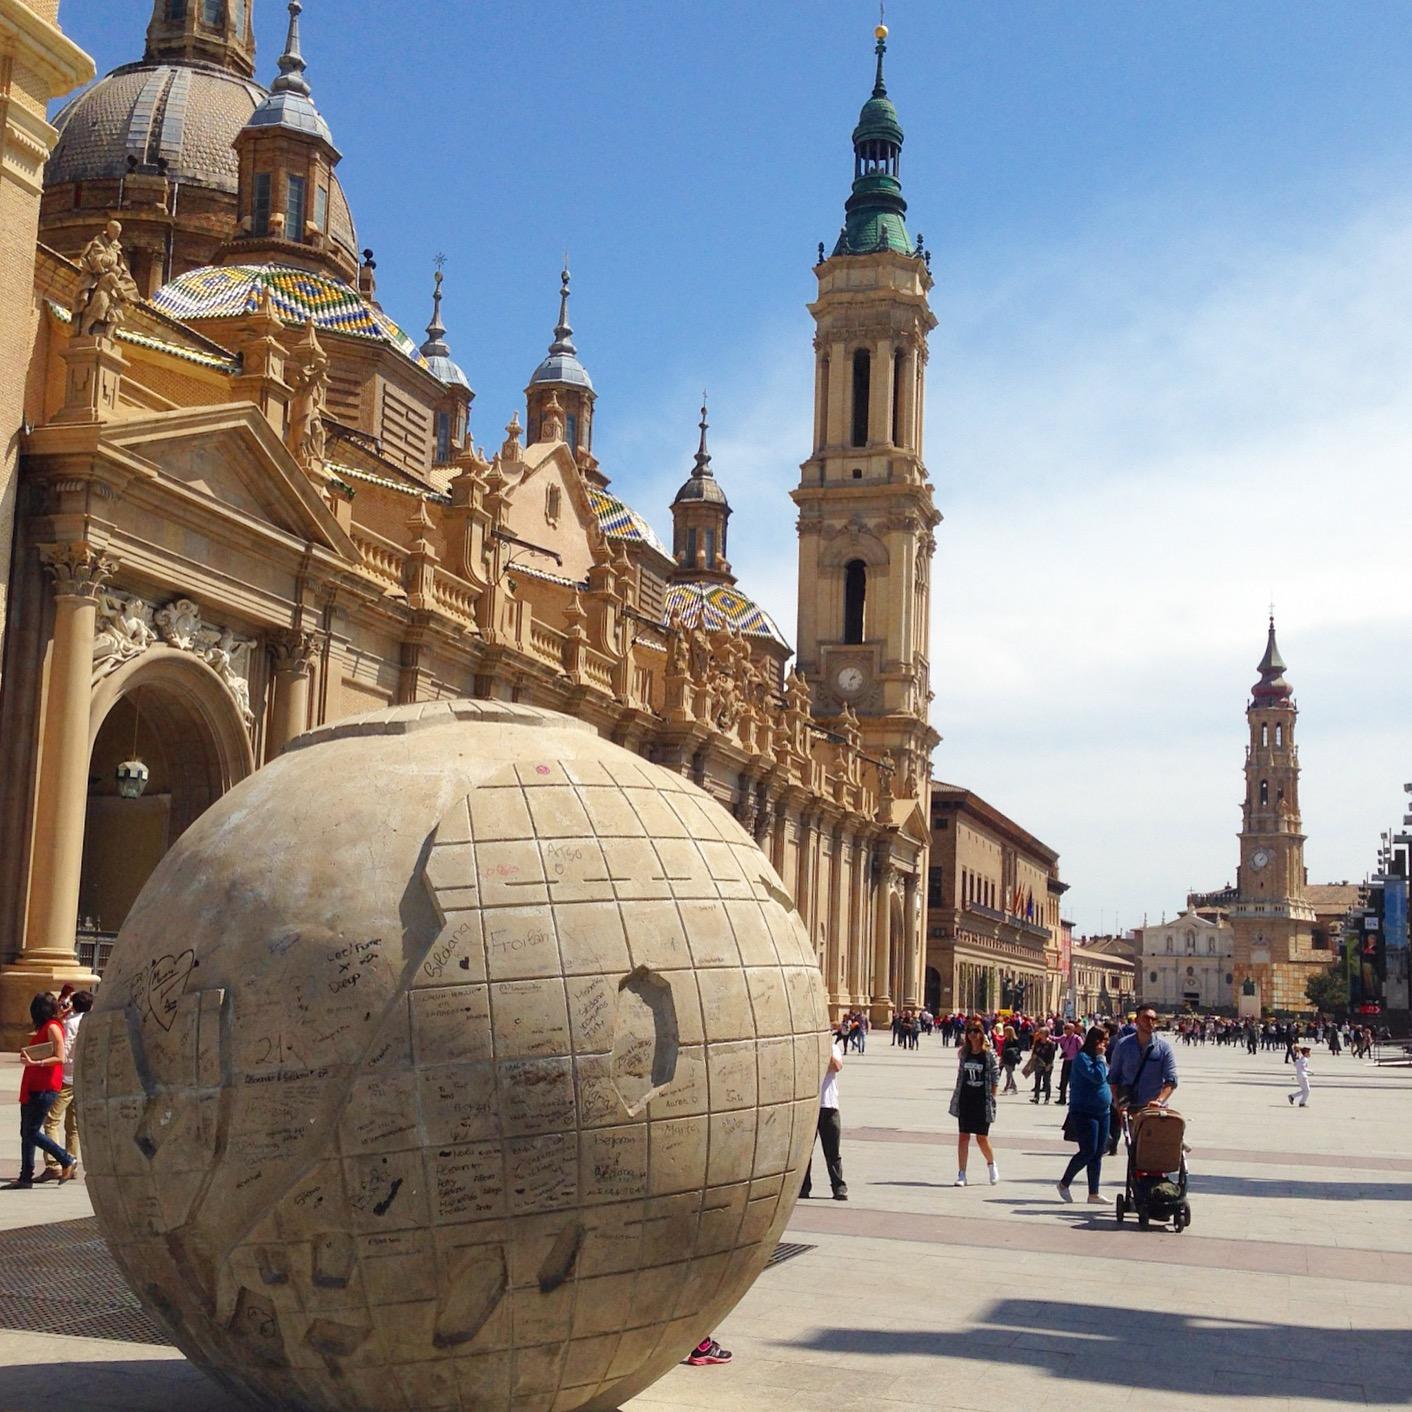 Foto de la Catedral Basílica de Nuestra Señora del Pilar en Zaragoza